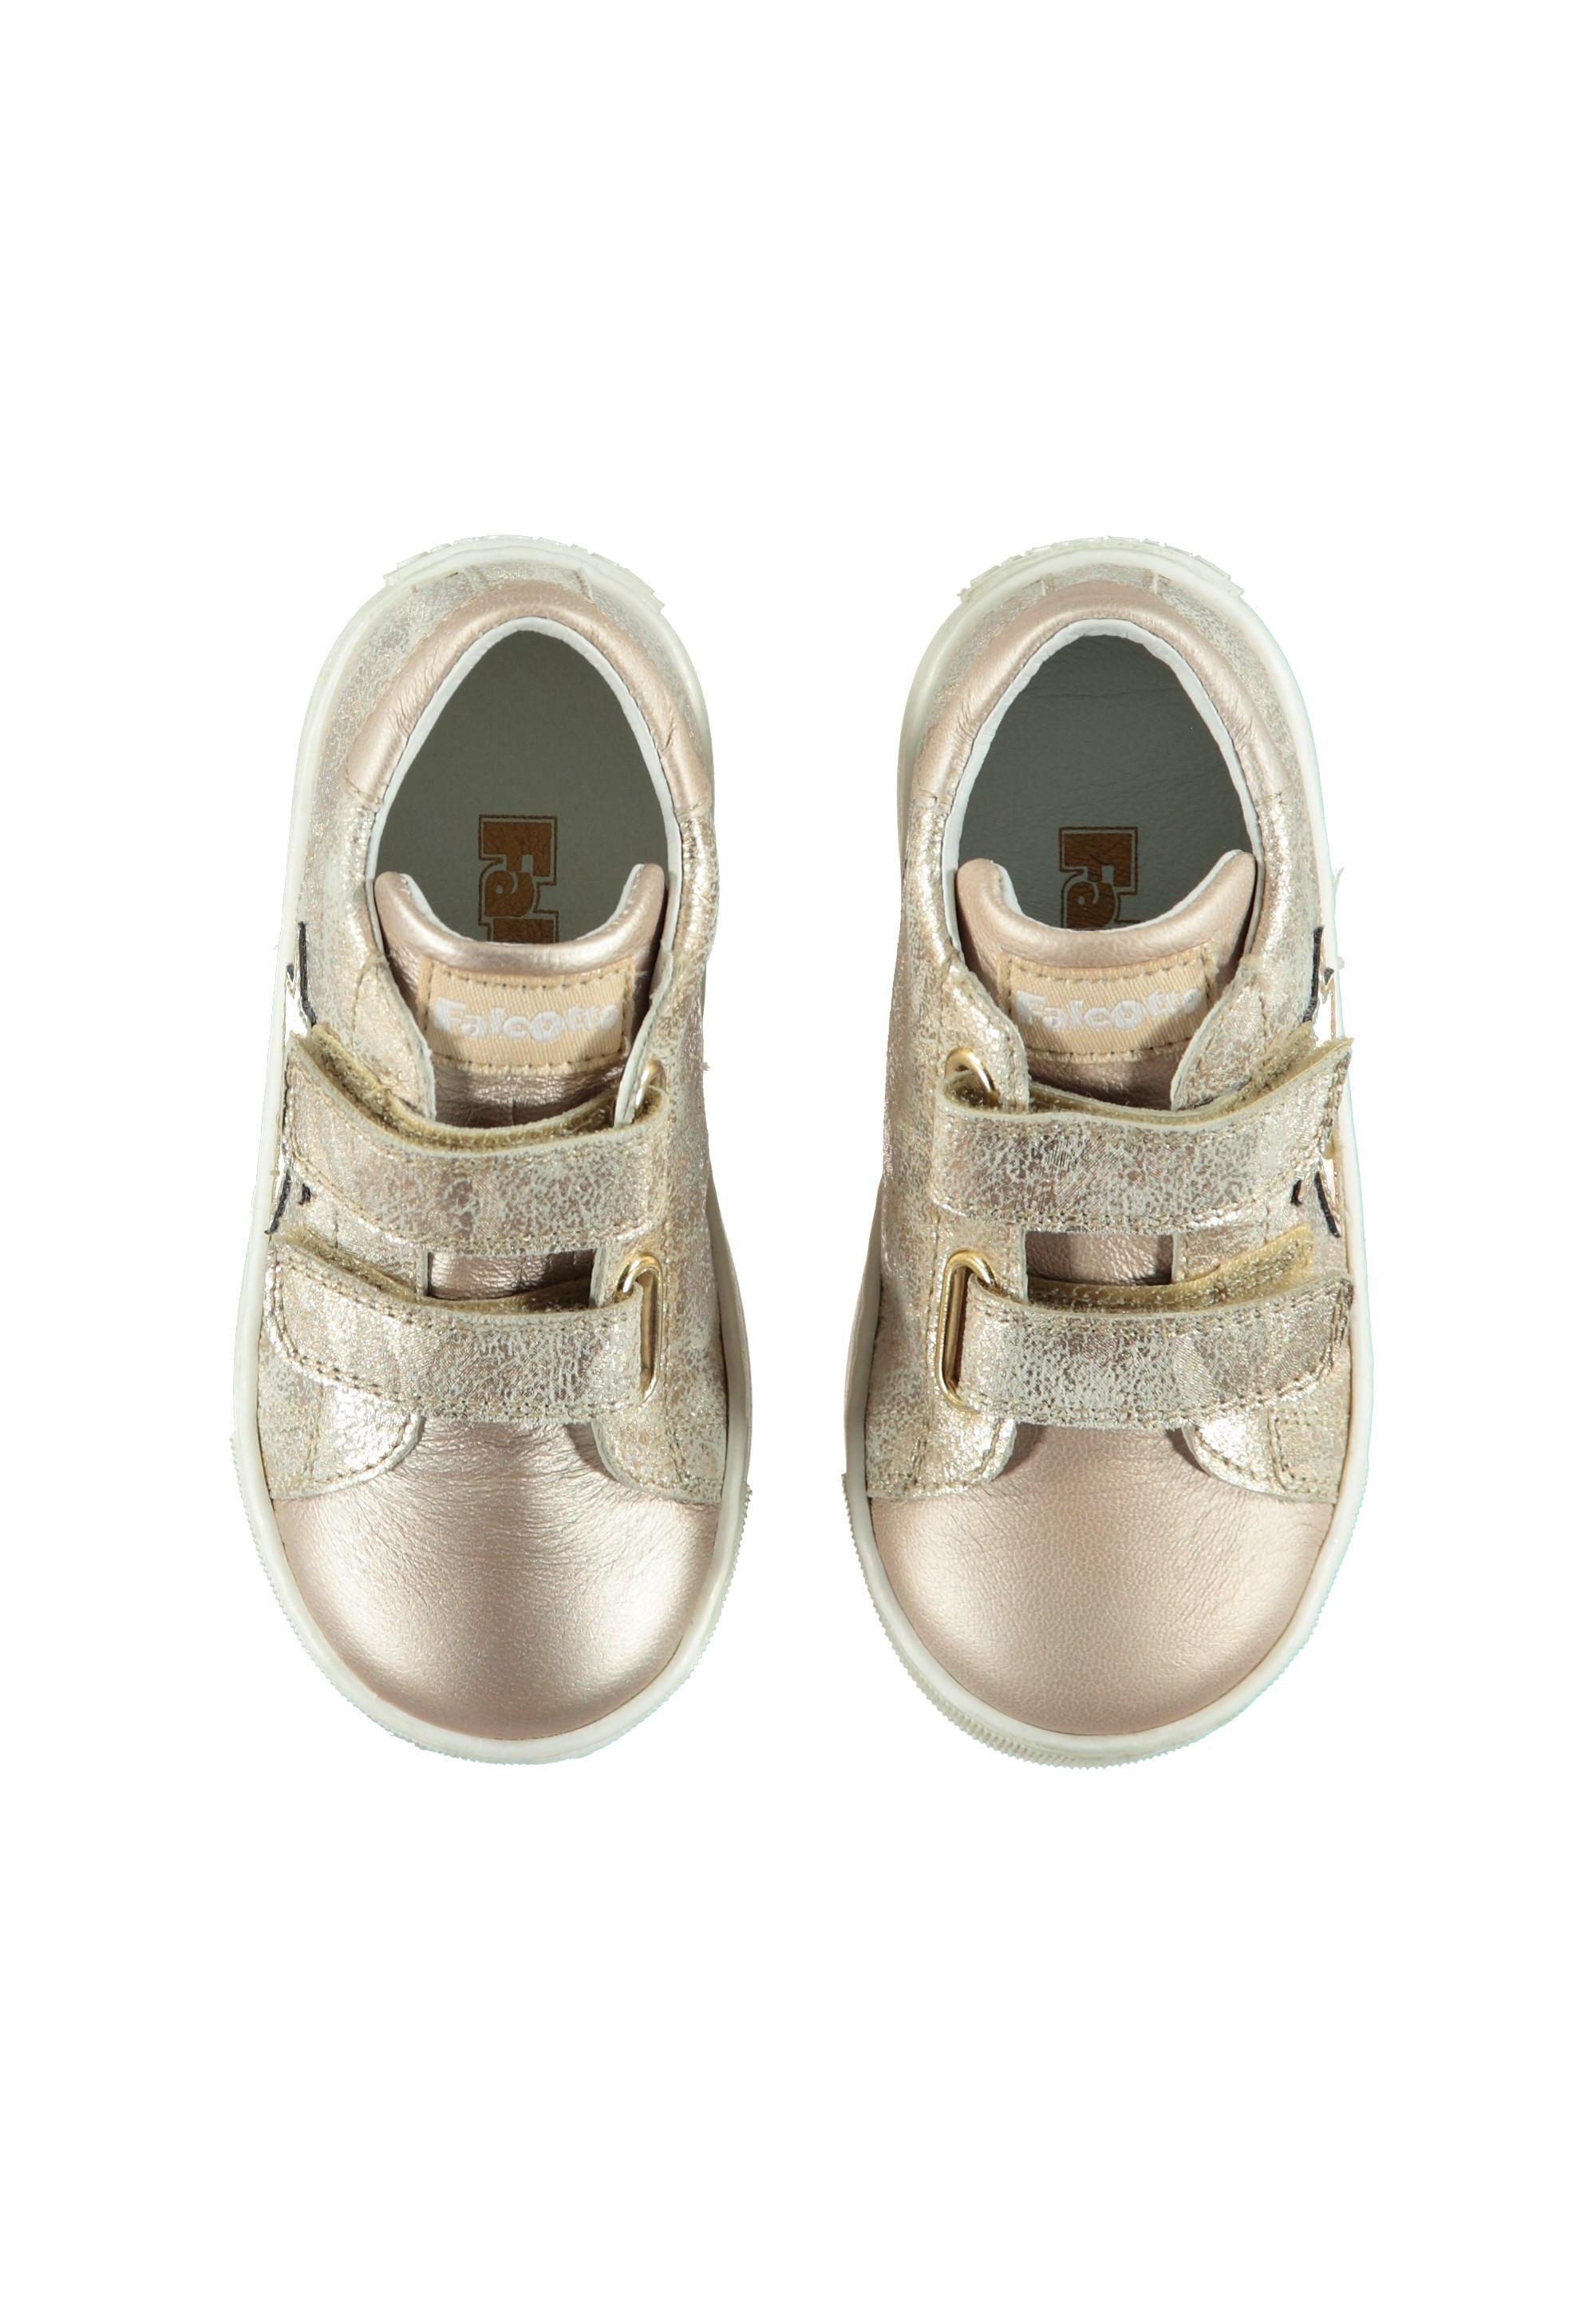 reputable site 3ef43 c951a Sneaker pelle Falcotto stella | Nico